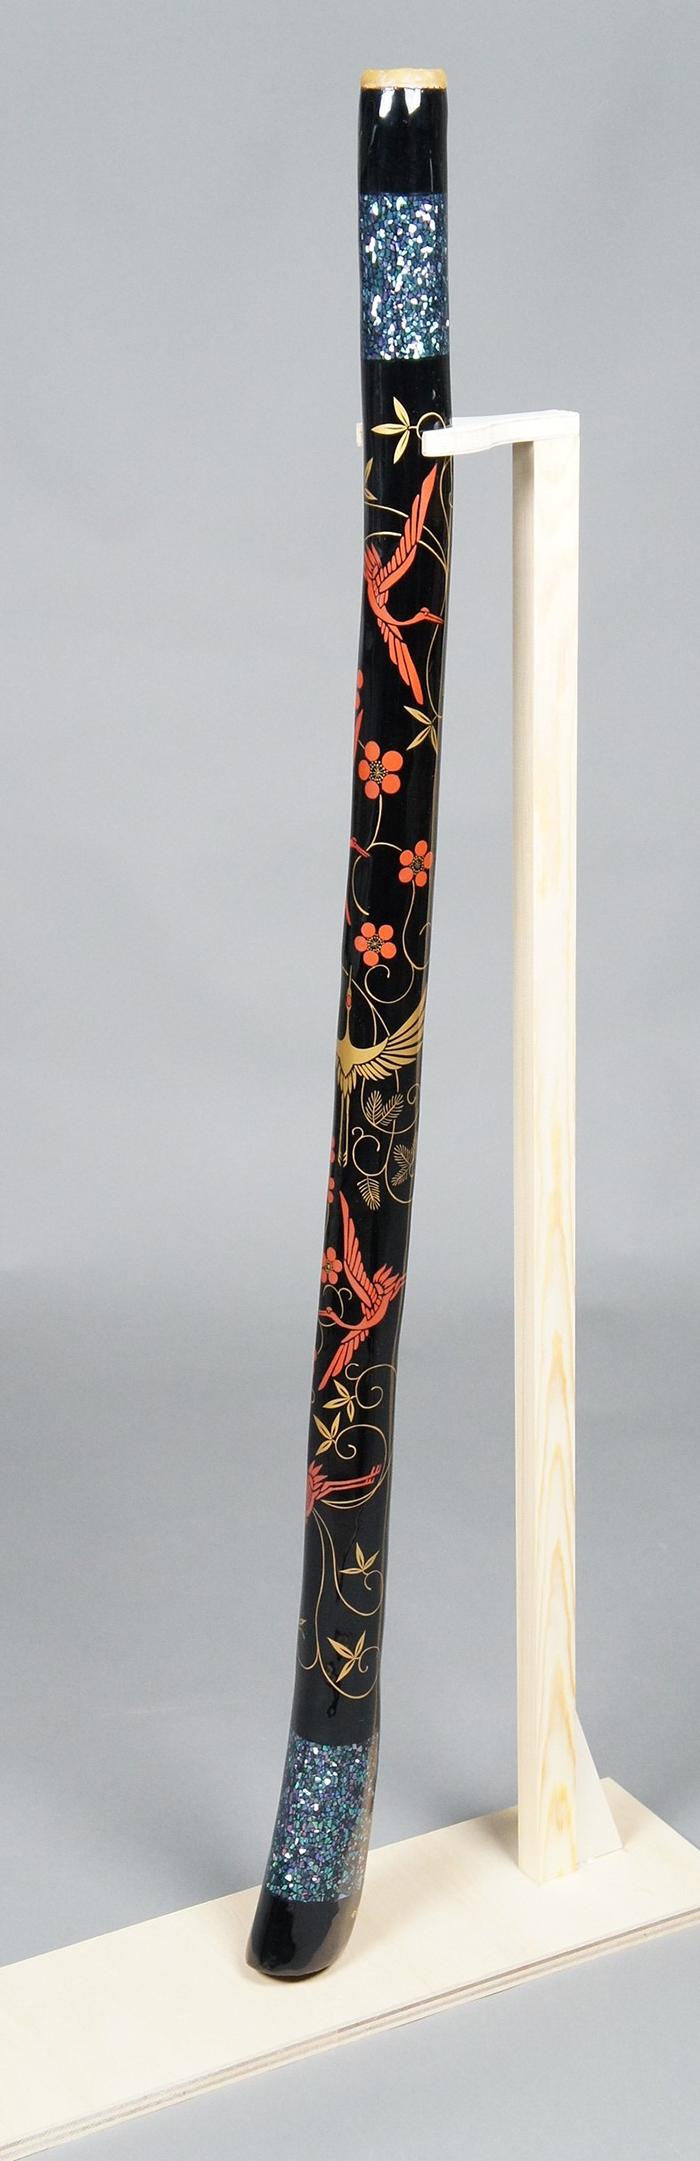 Didgeridoo_02.png